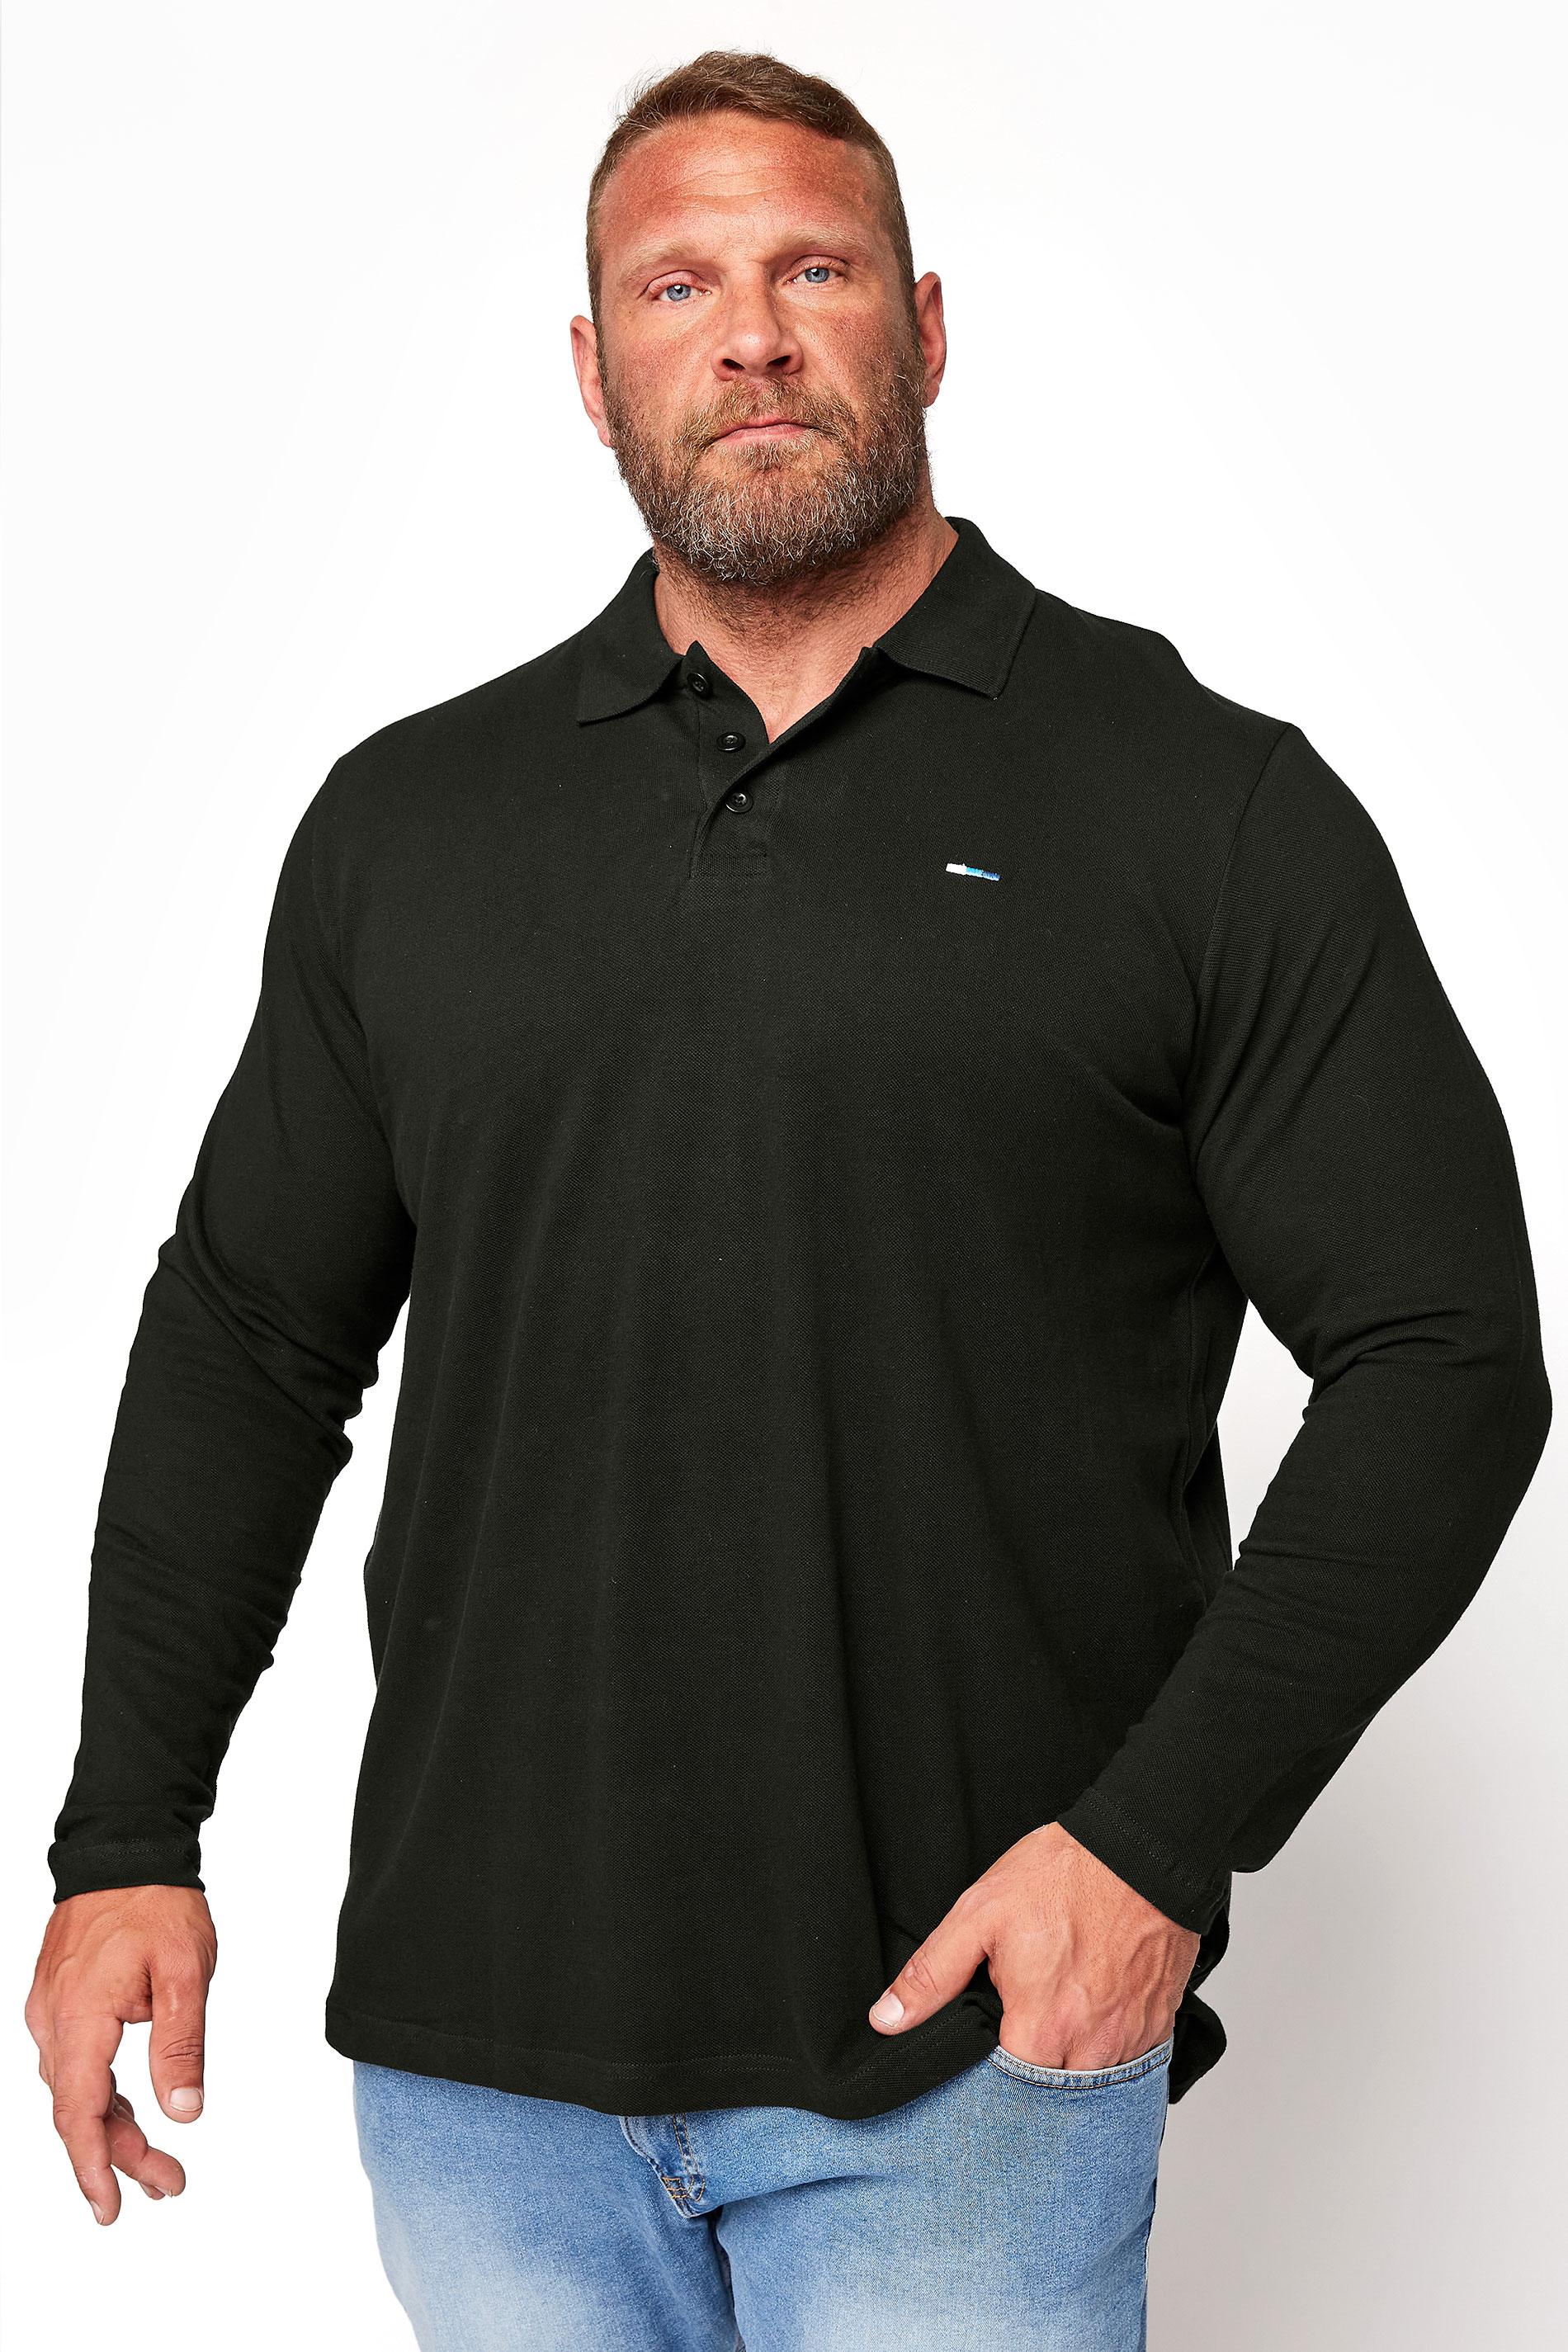 BadRhino Black Essential Long Sleeve Polo Shirt_M.jpg